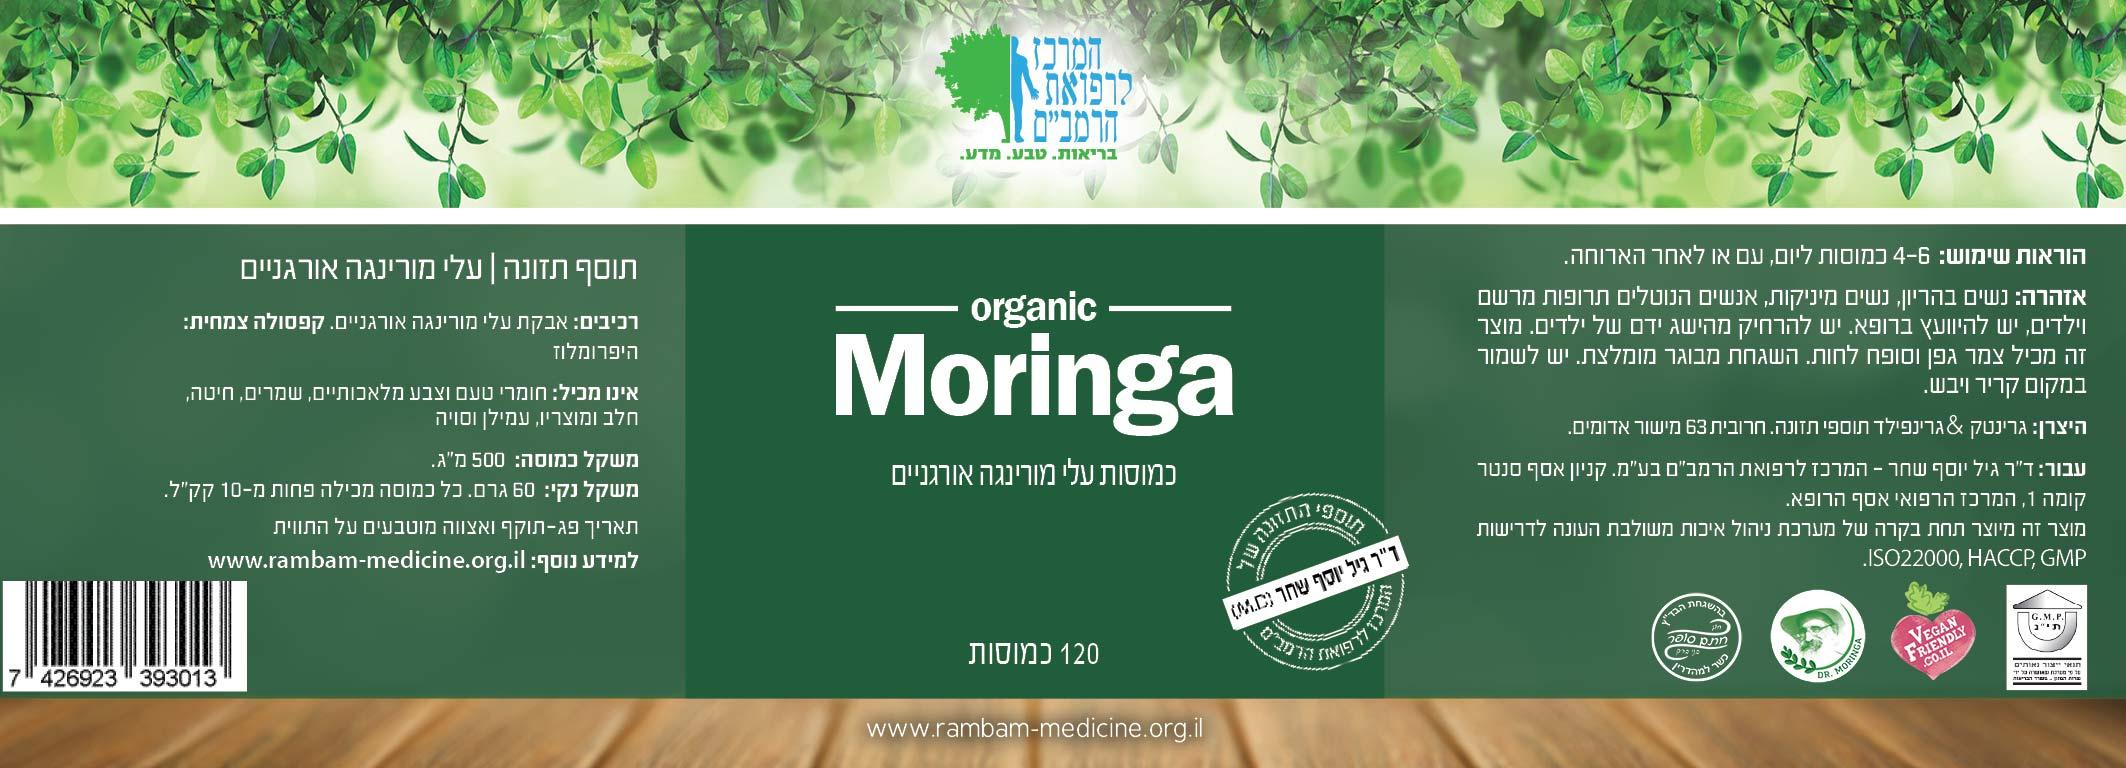 """שלישית עלי מורינגה אורגניים, ייבוש טבעי ללא תנורים, 500 מ""""ג בכמוסות במבצע!"""